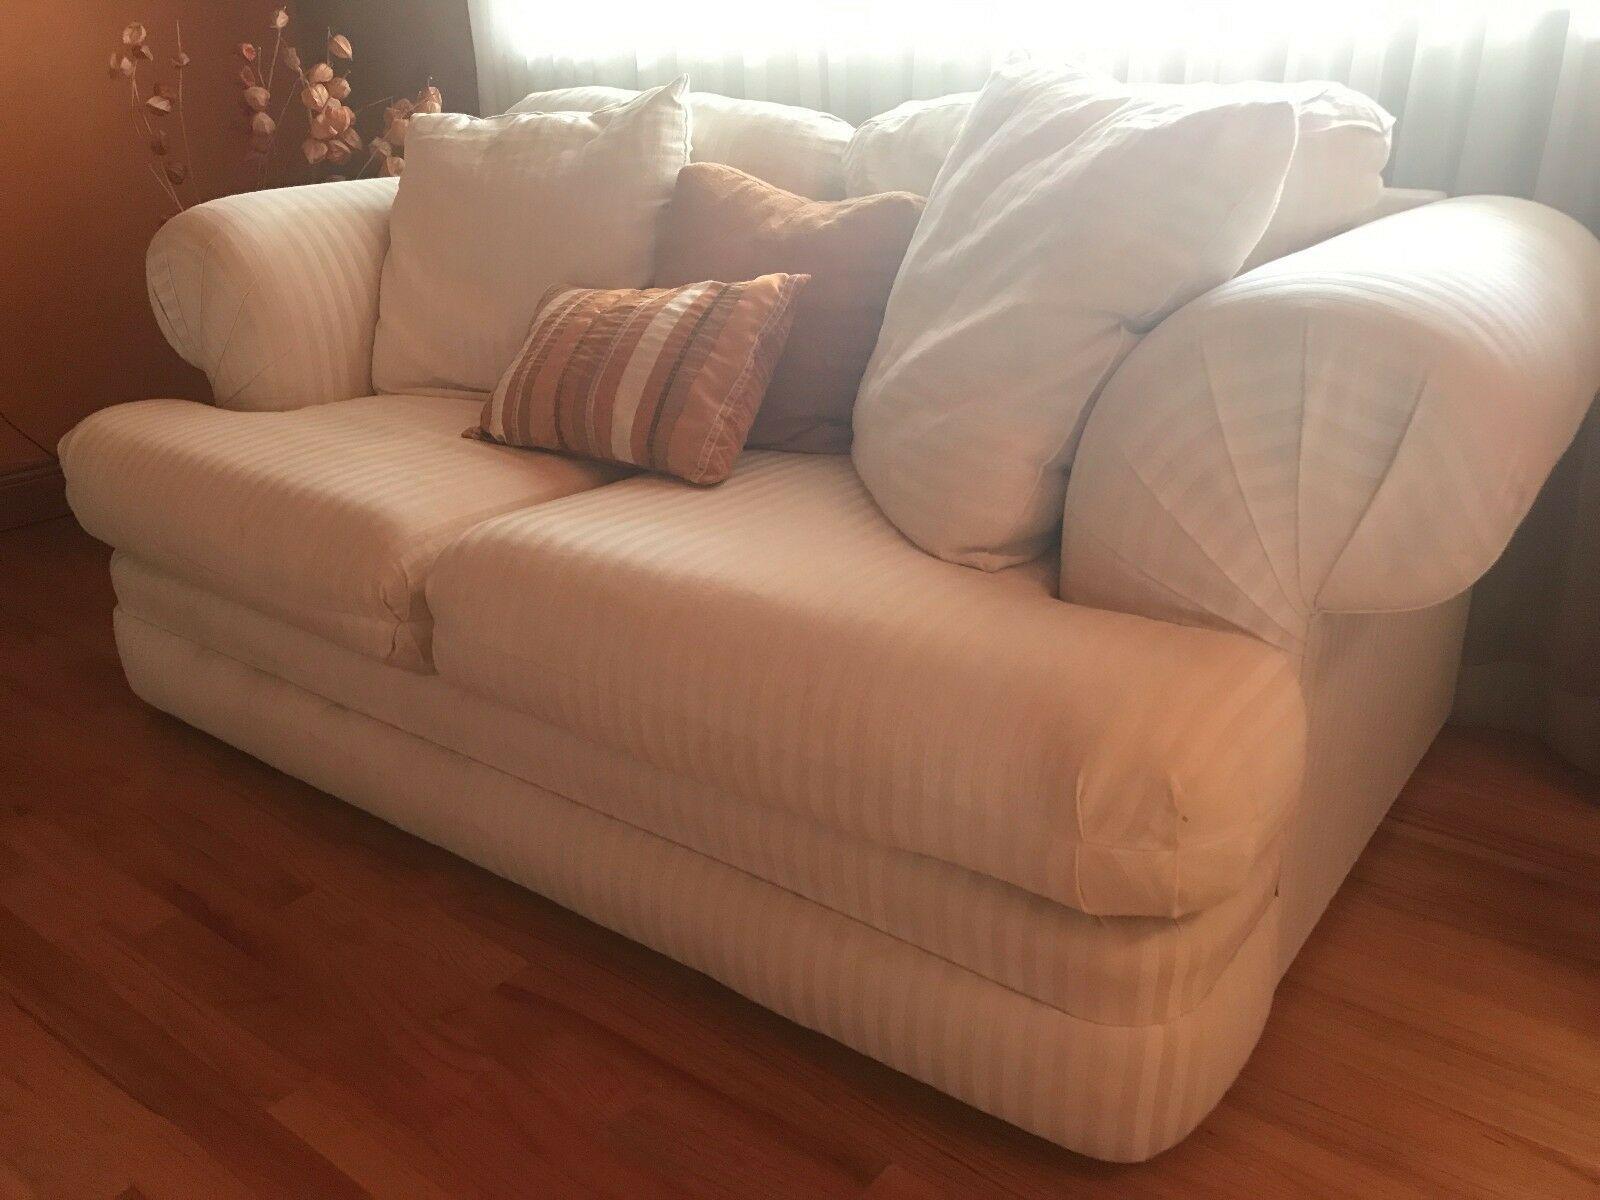 2 Piece White Sofa Set White Sofa Ideas Of White Sofa Whitesofa Sofa 2 Piece White Sofa Set Price 500 00 White Sofa Set